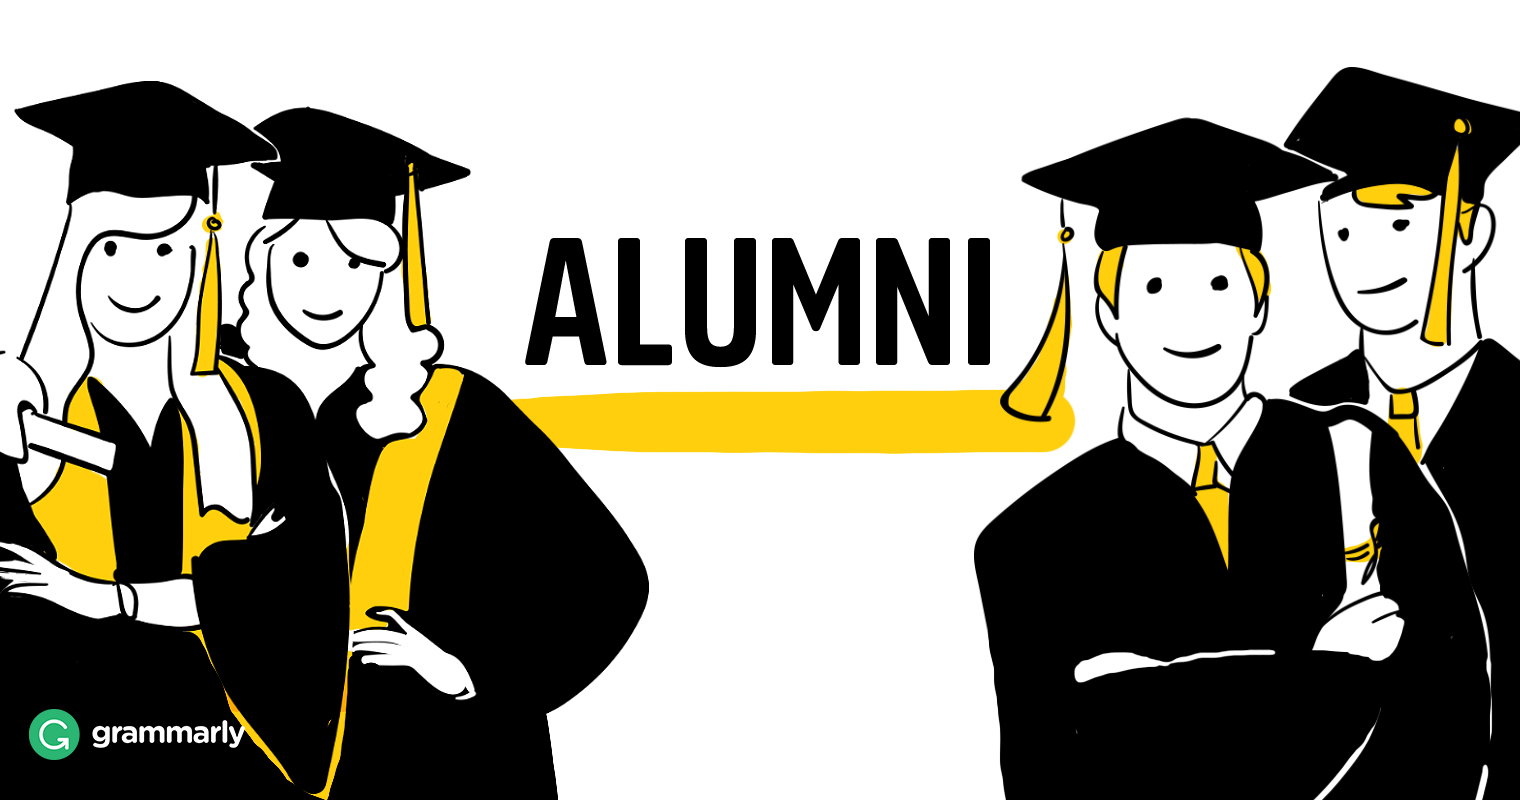 cartoon of alumni